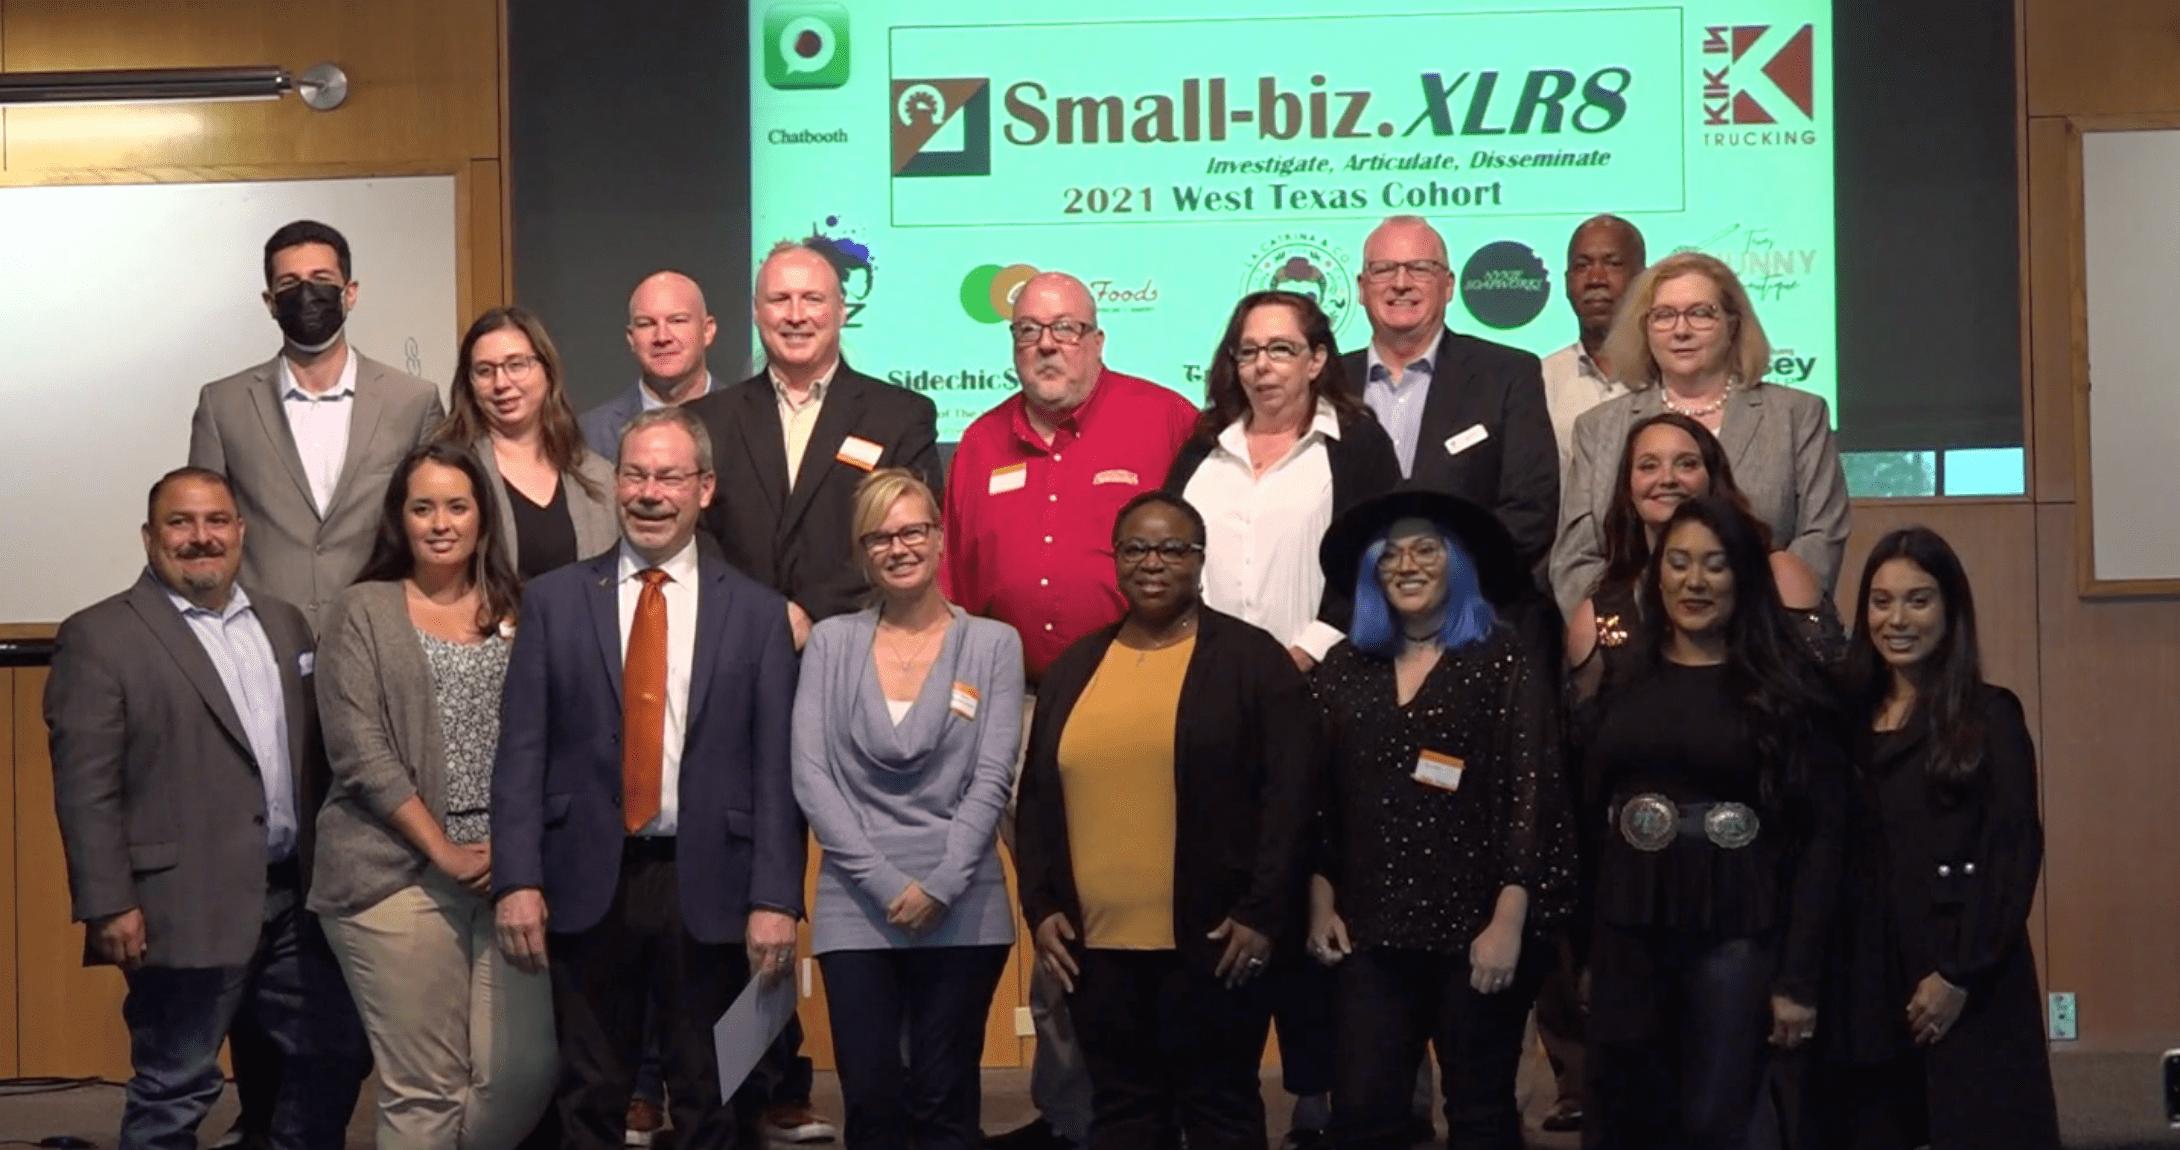 propietarios de pequeñas empresas sonriendo para la cámara después de las presentaciones de lanzamiento